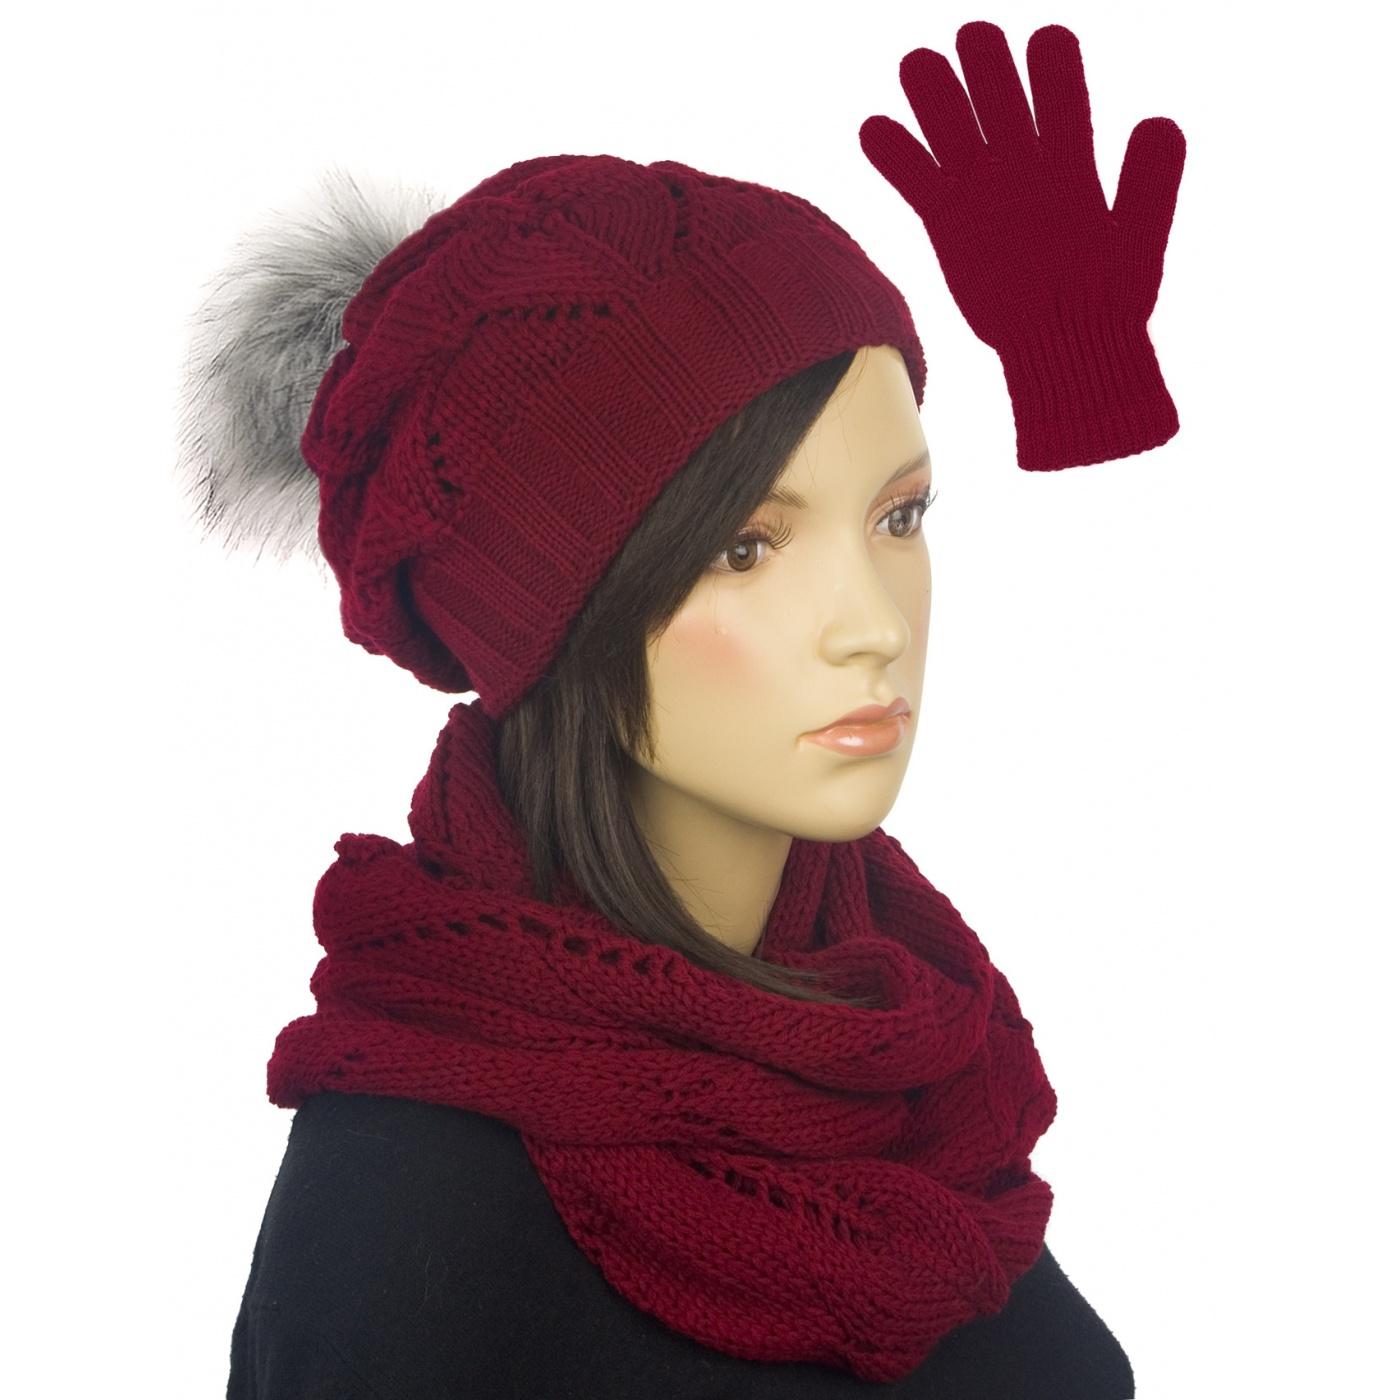 Ażurowy komplet czapka z pomponem, komin, rękawiczki - bordowy